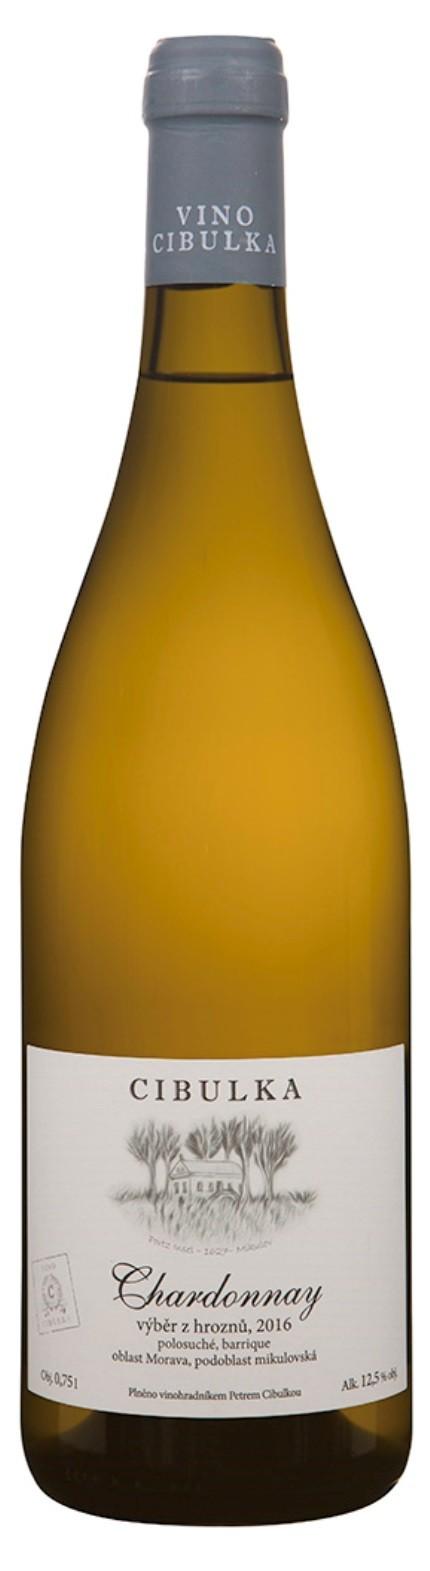 Chardonnay 2016, výběr z hroznů, Vinařství Cibulka